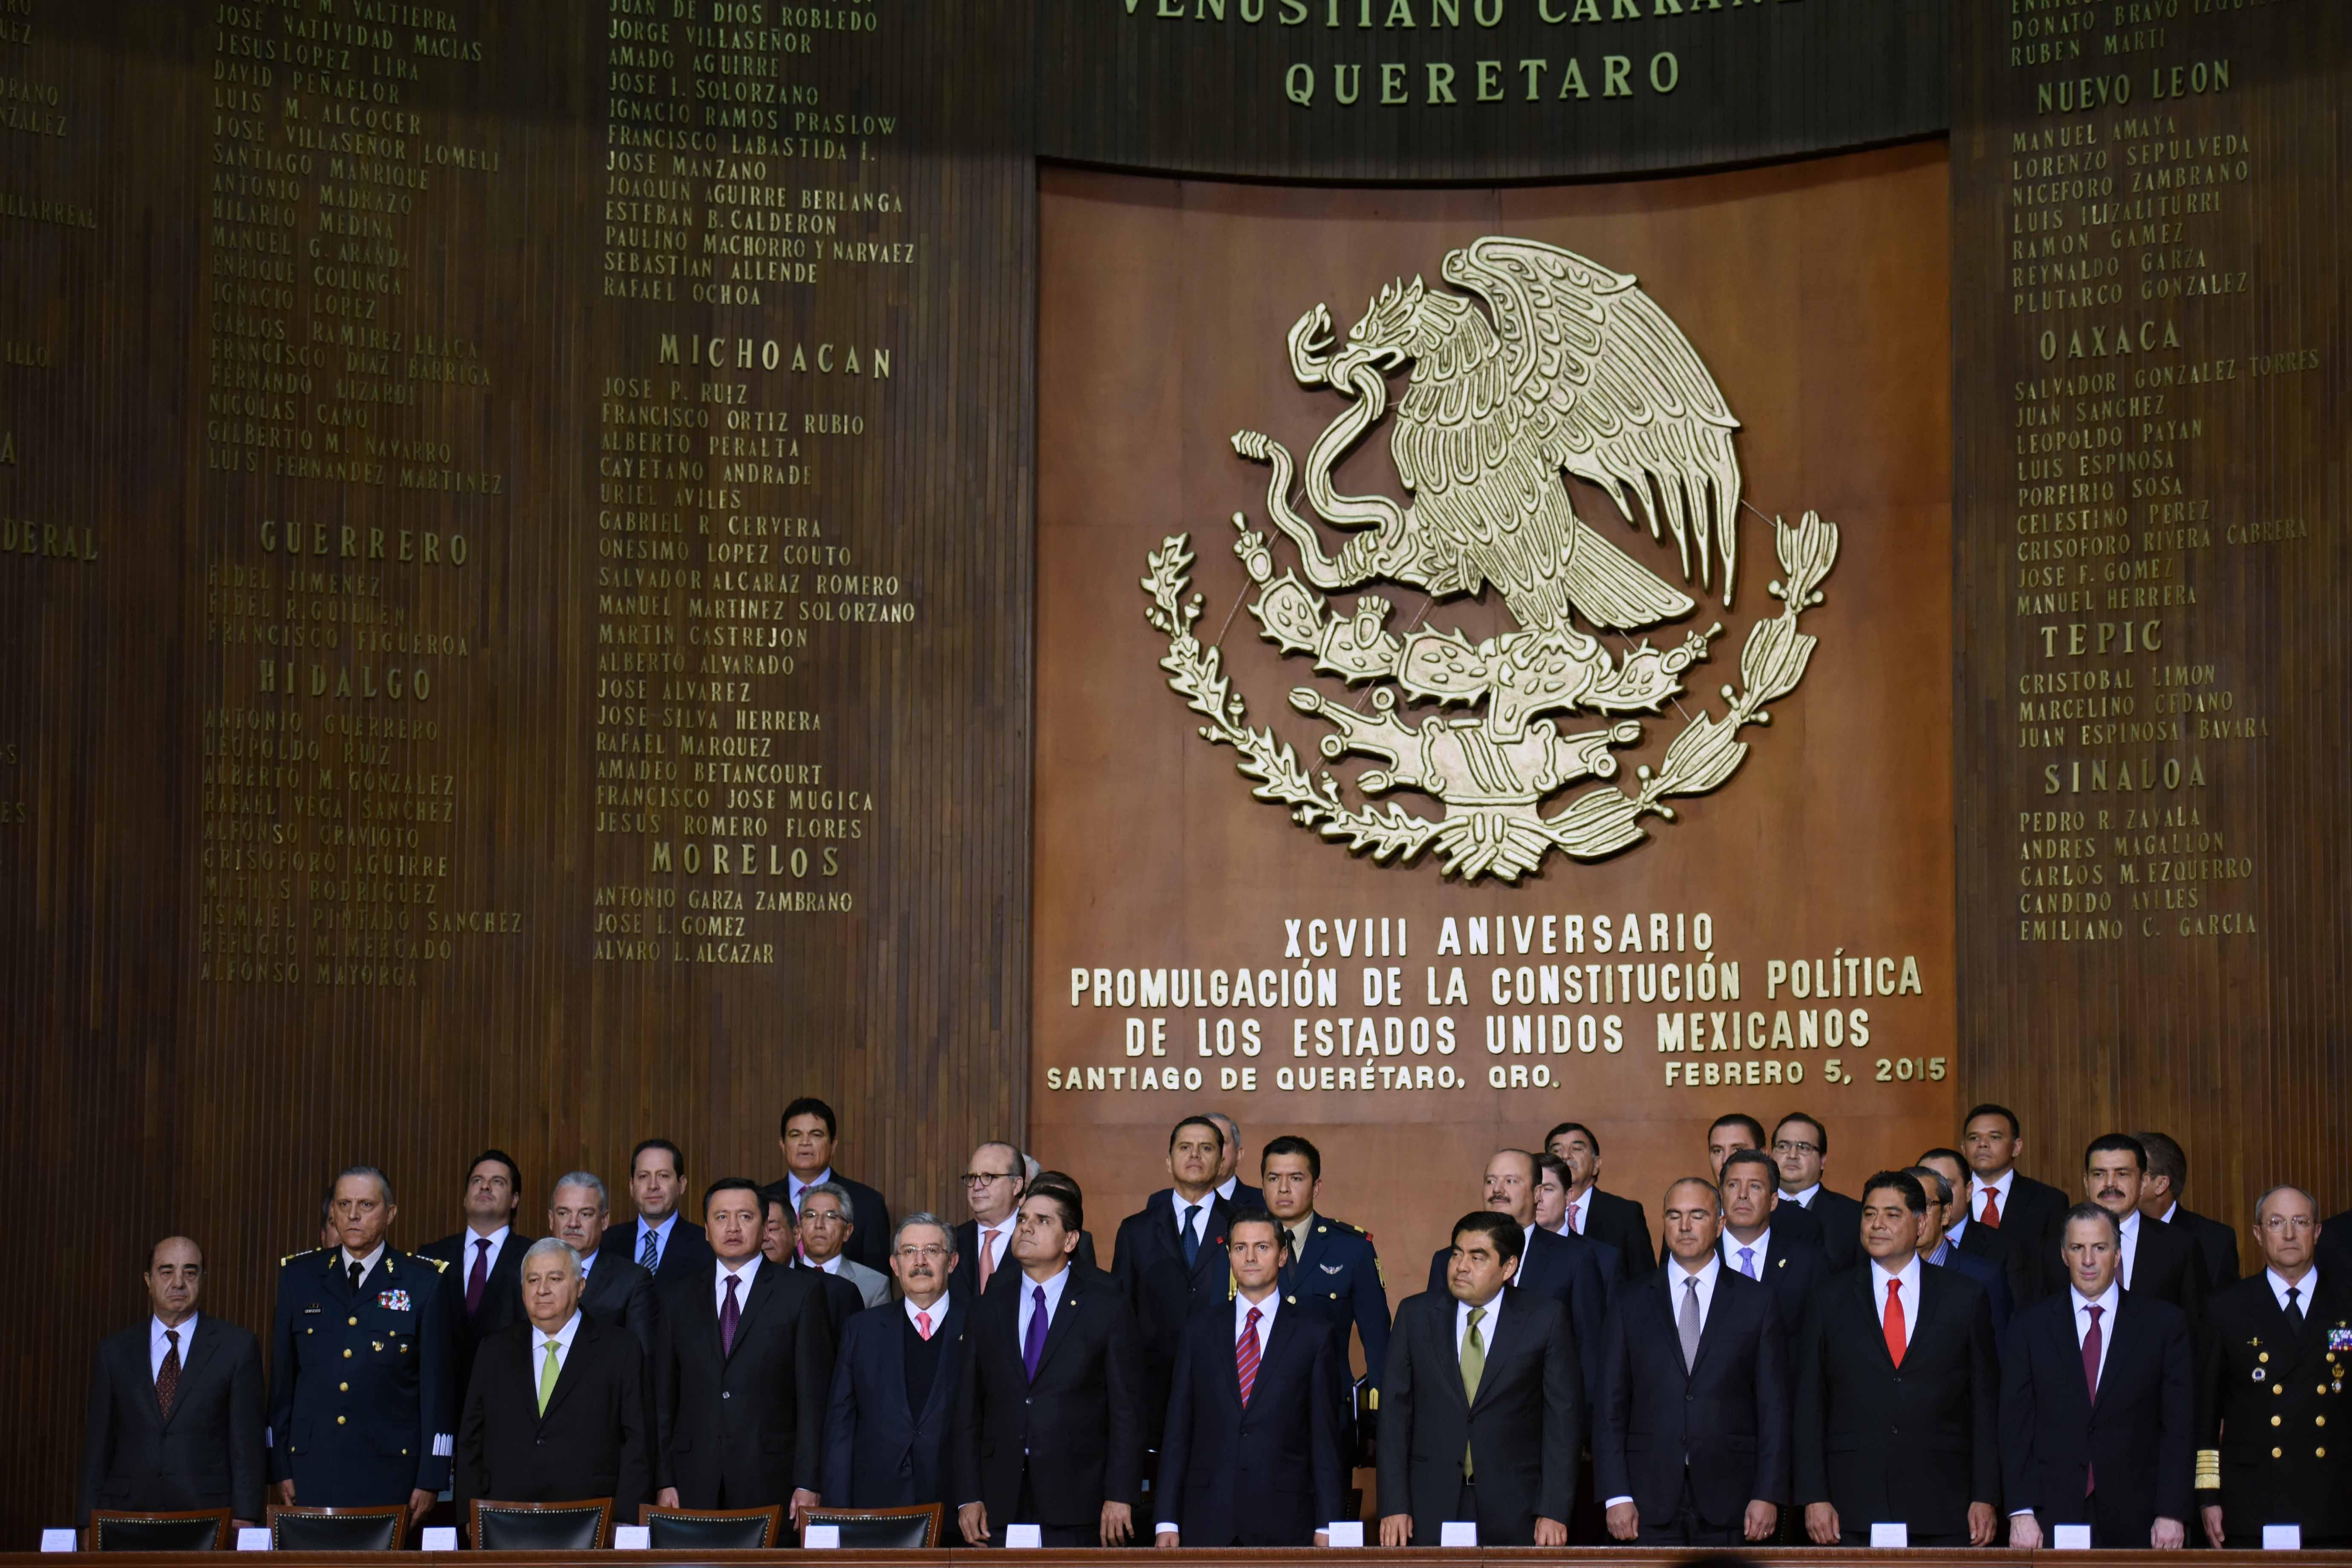 En la gráfica, en el Teatro de la República -donde la Carta Magna- se reunieron autoridades de los tres niveles de gobierno, entre ellos el titular de la SEDATU, Jorge Carlos Ramírez Marín.